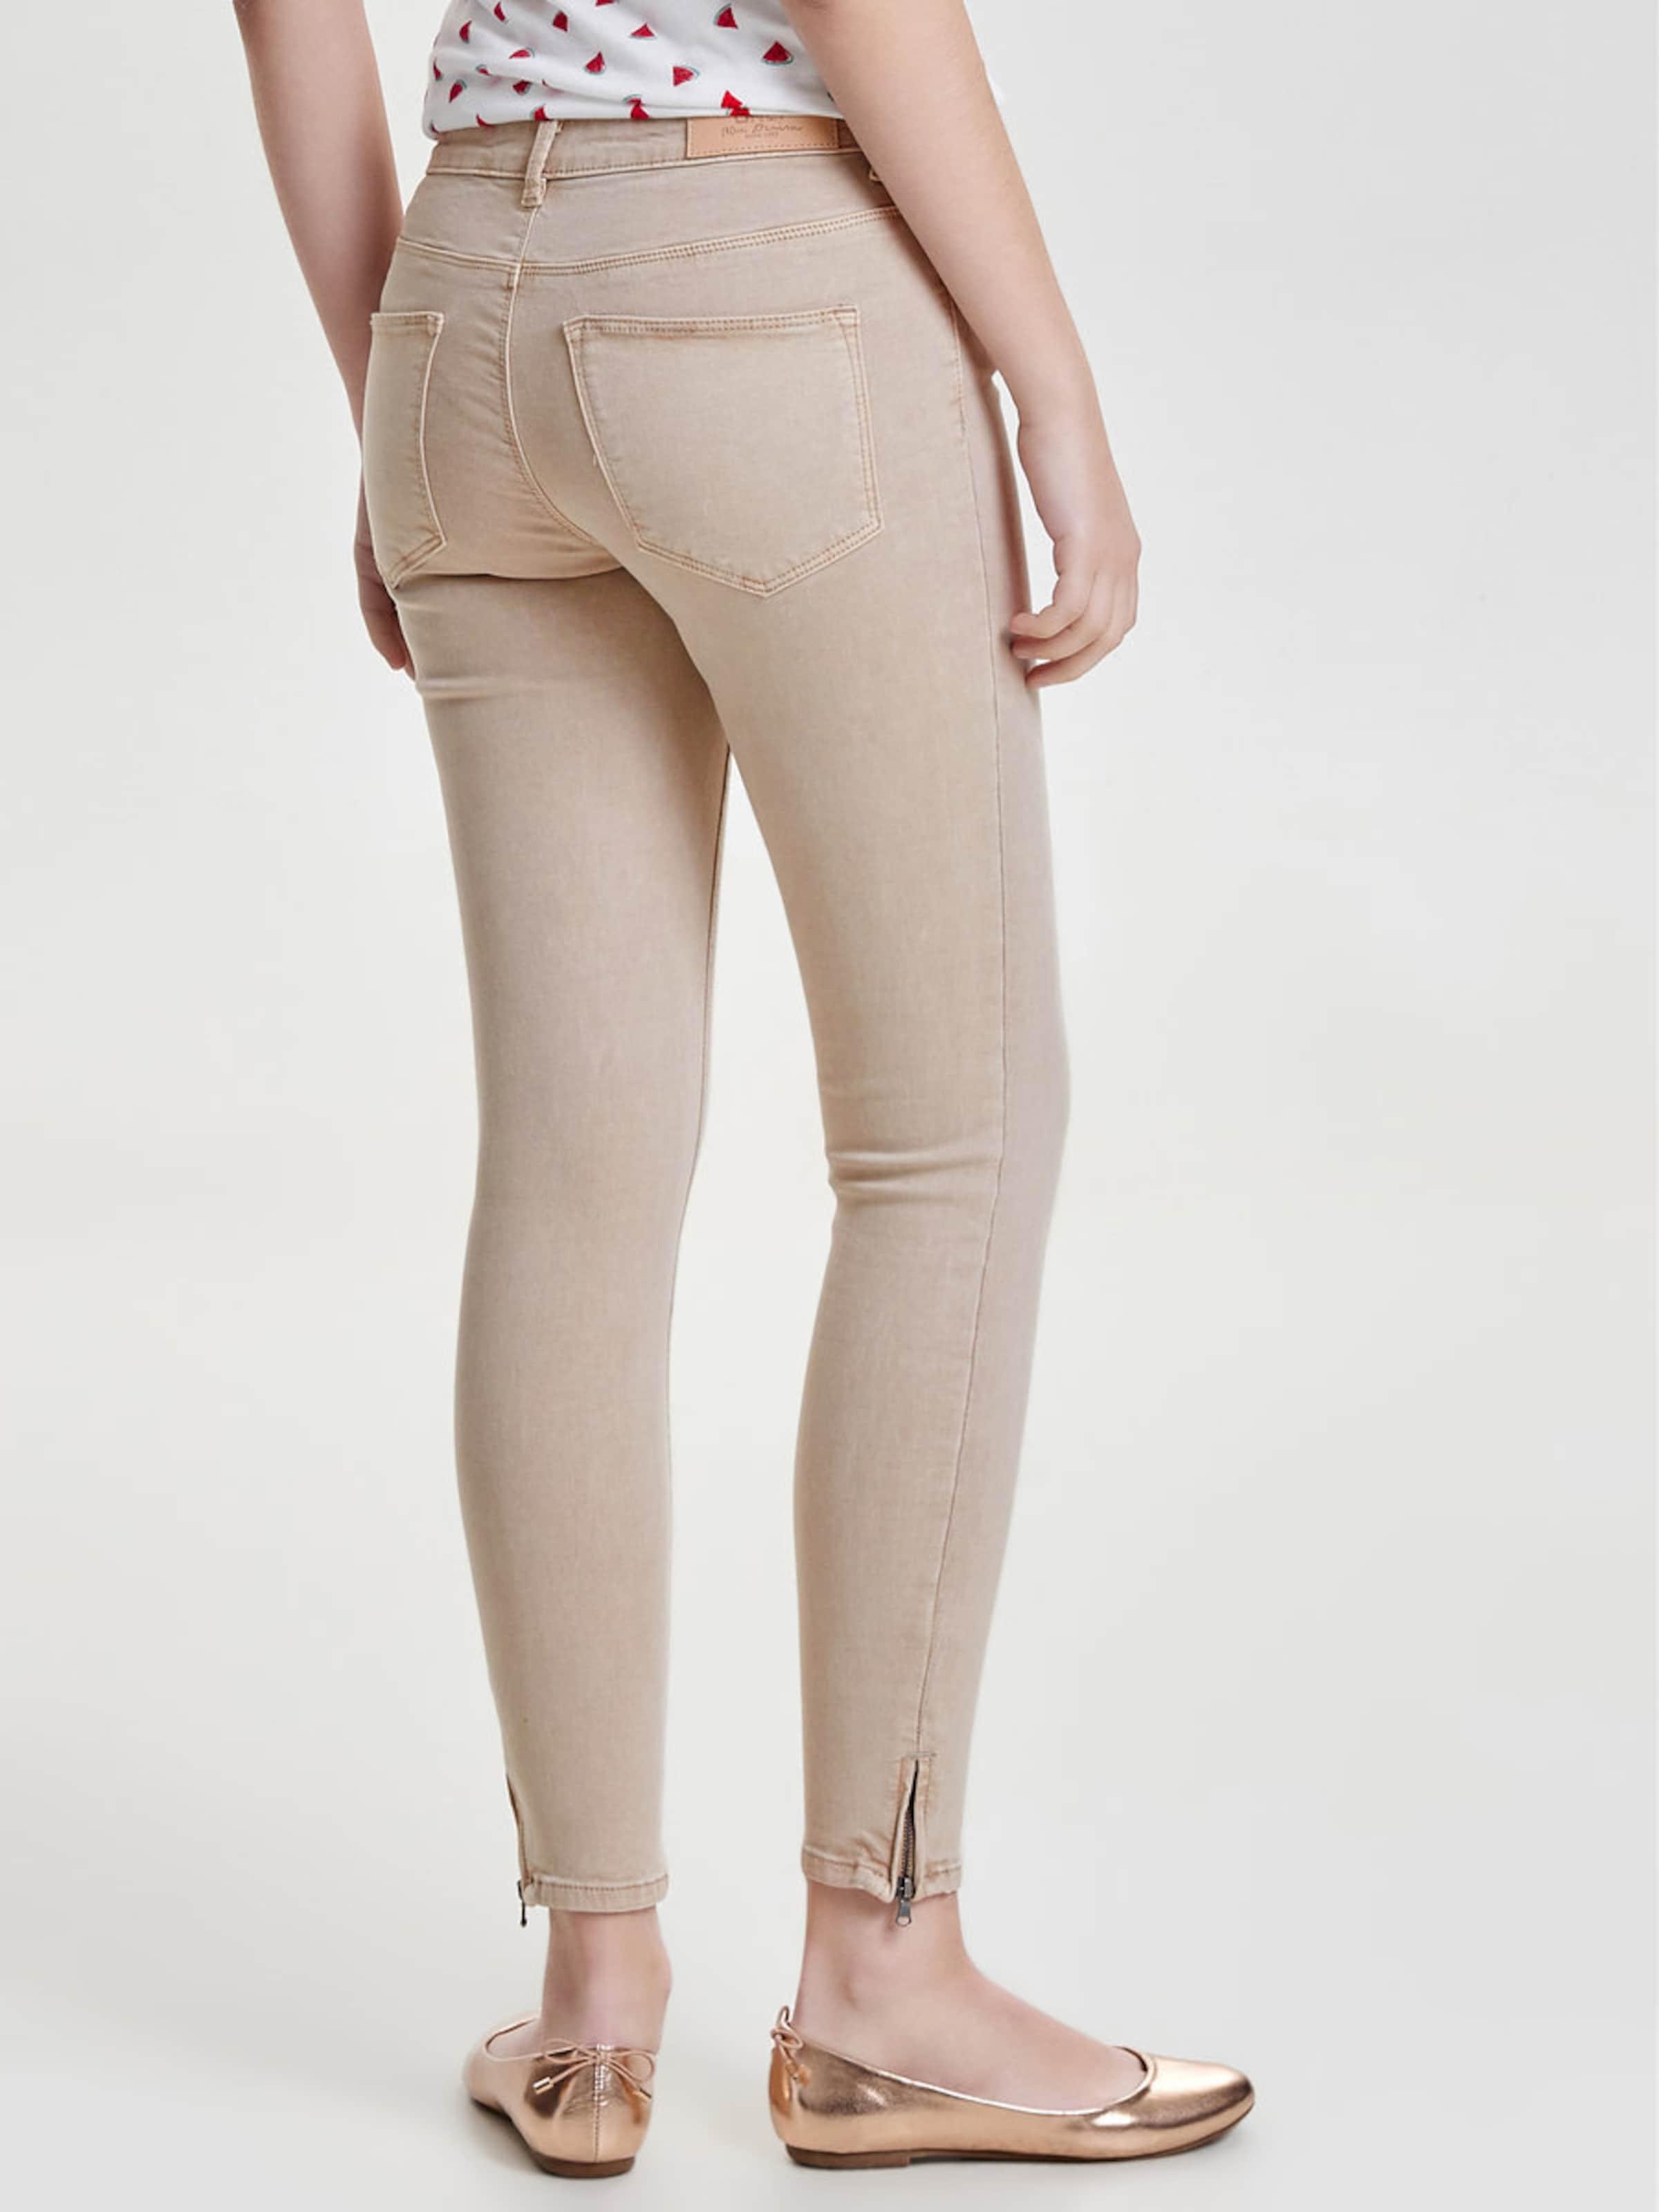 ONLY Skinny Fit Jeans 'Serena Reg Ankle' Auslass Original Freies Verschiffen Manchester Erhalten Zu Kaufen UZ7F1CE